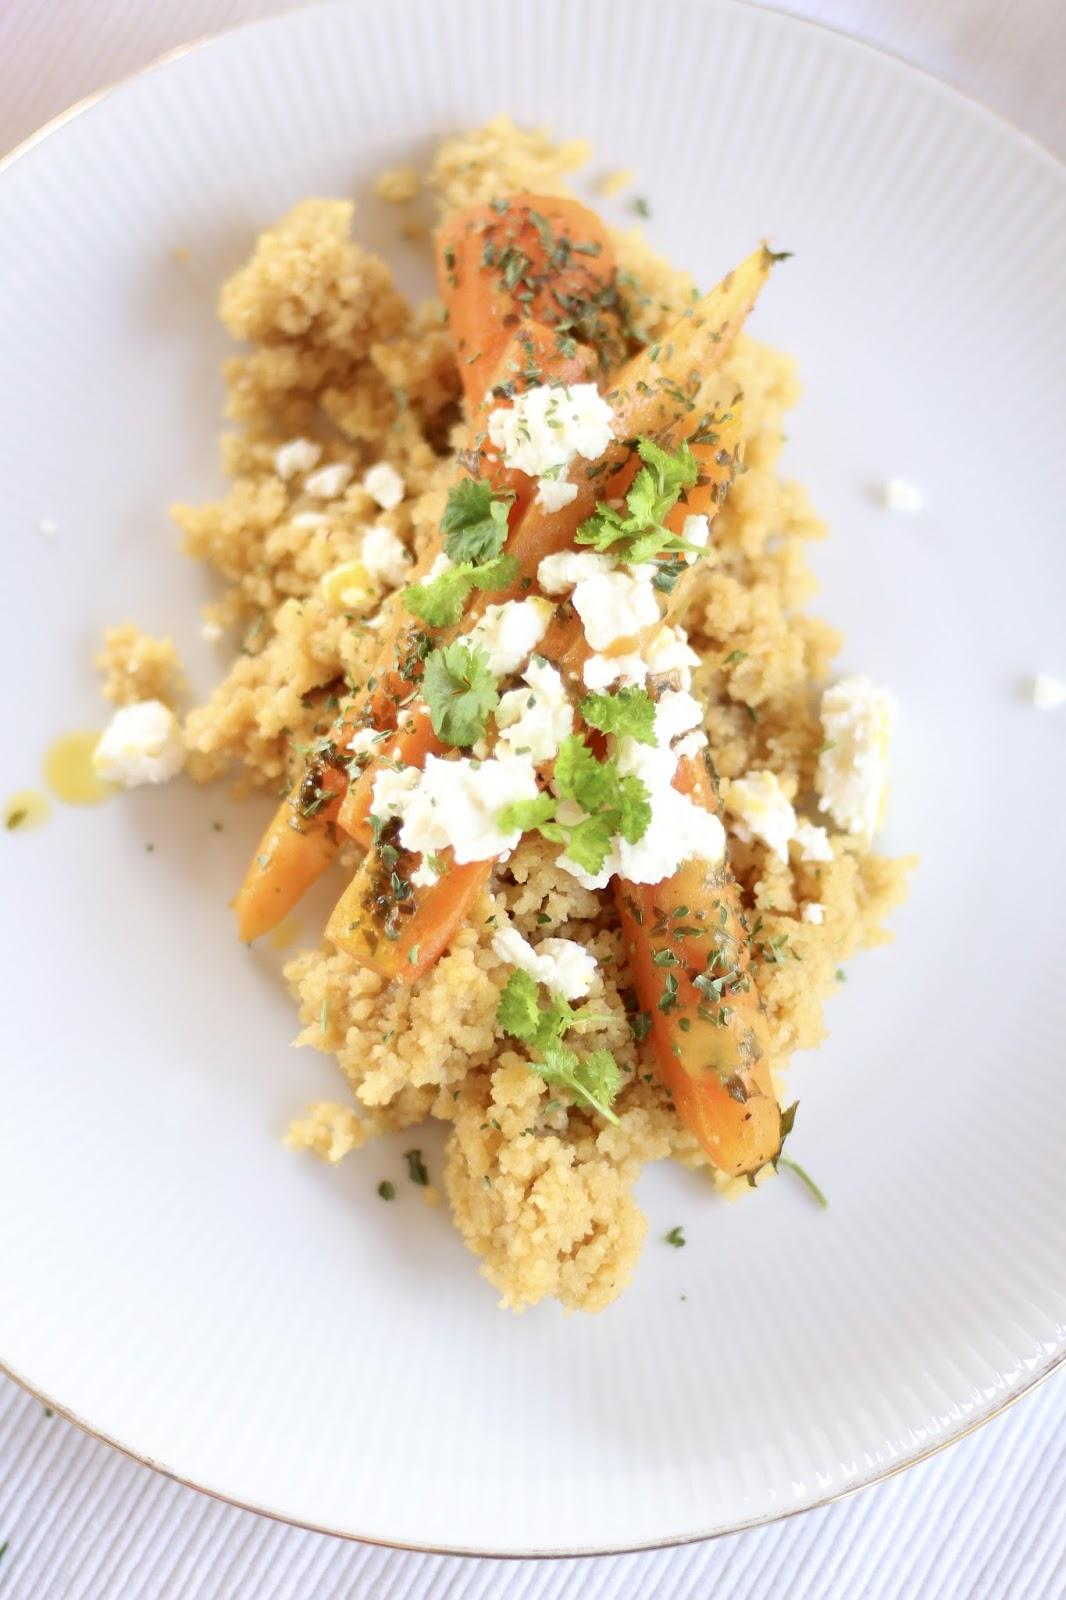 Orangen-Couscous mit gedünsteten Karotten